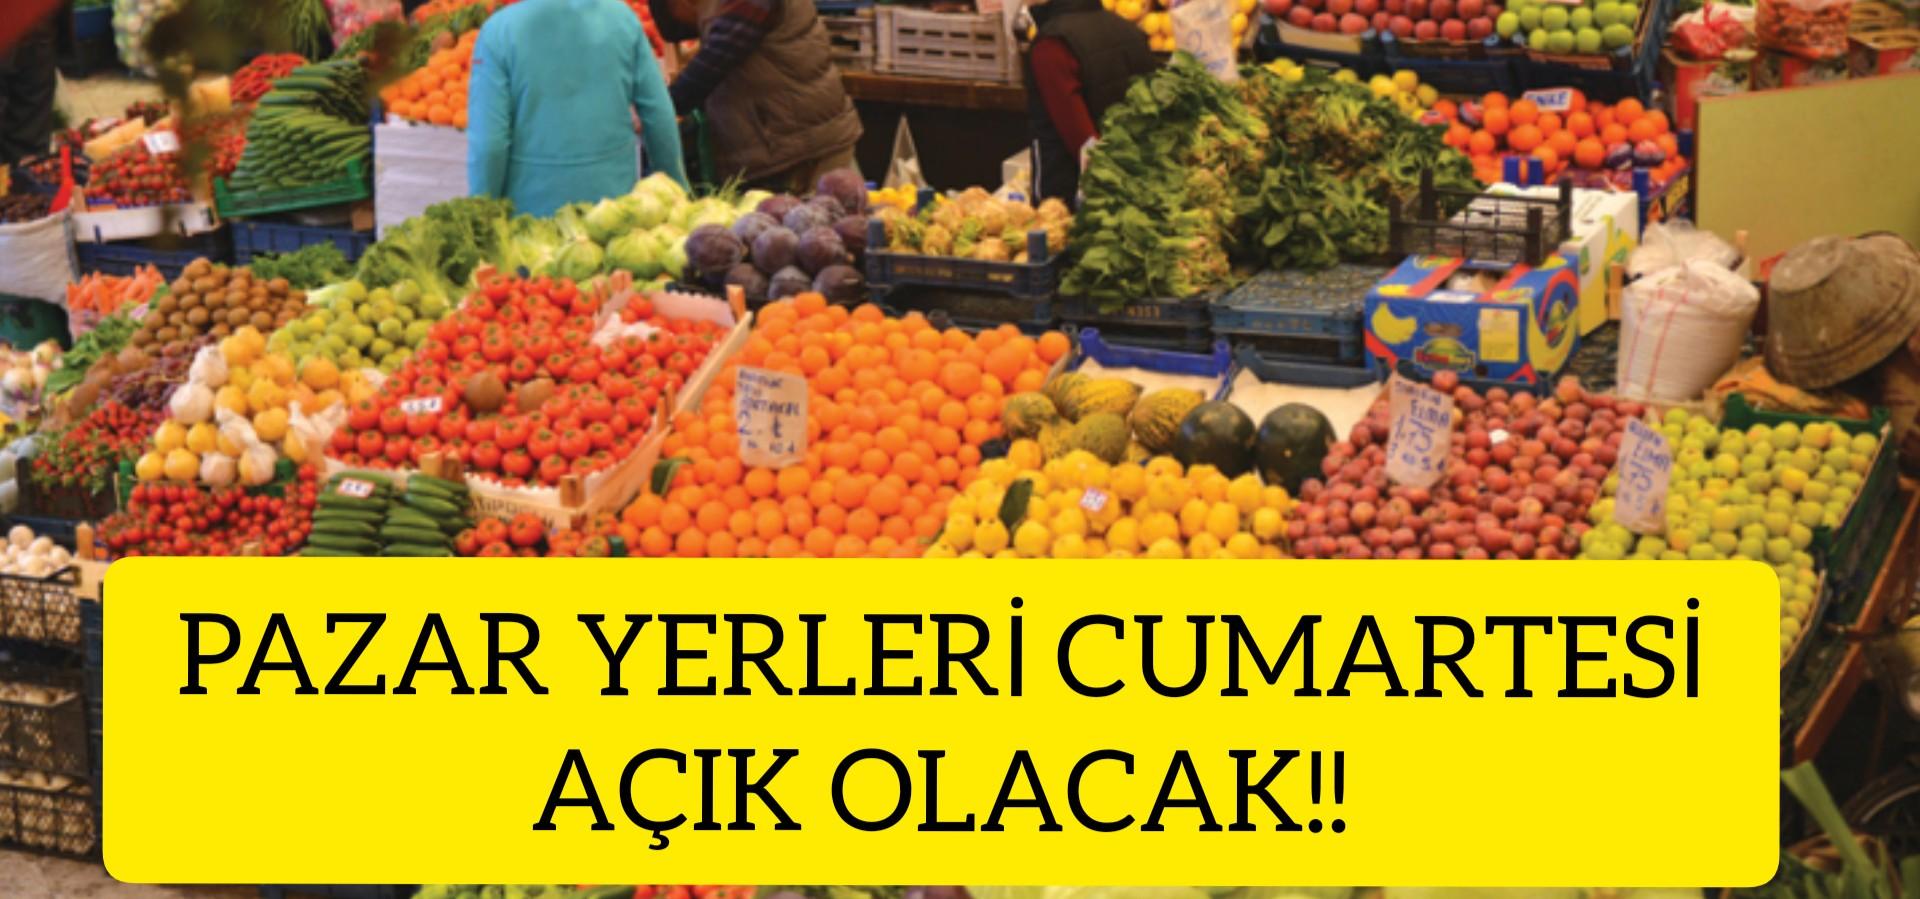 PAZAR YERLERİ CUMARTESİ AÇIK OLACAK!